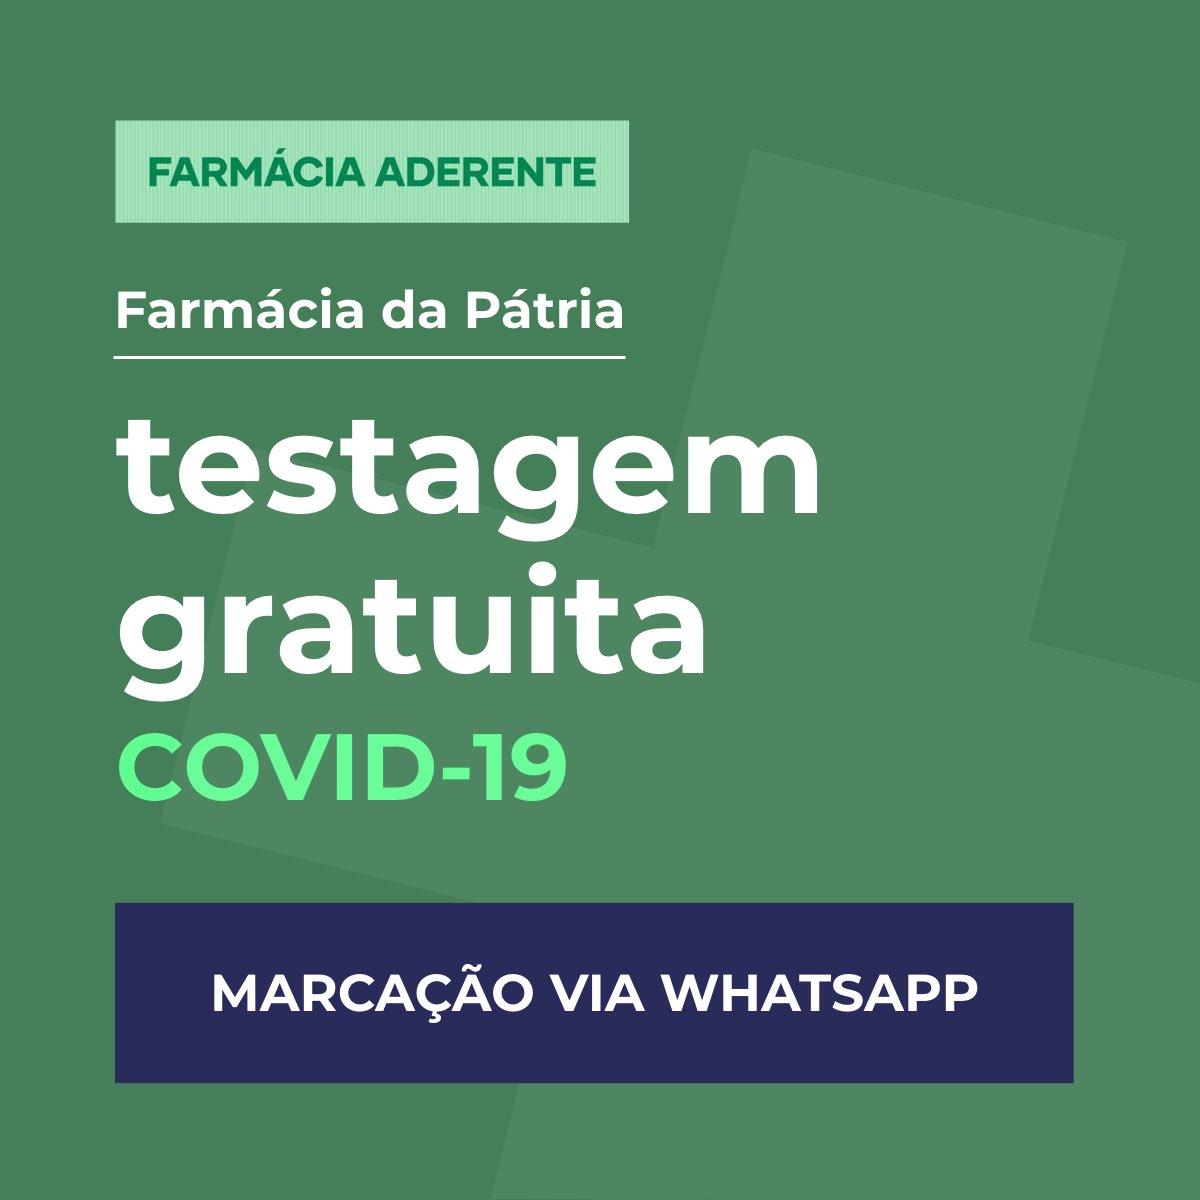 teste covid-19 gratuito - farmacia da patria